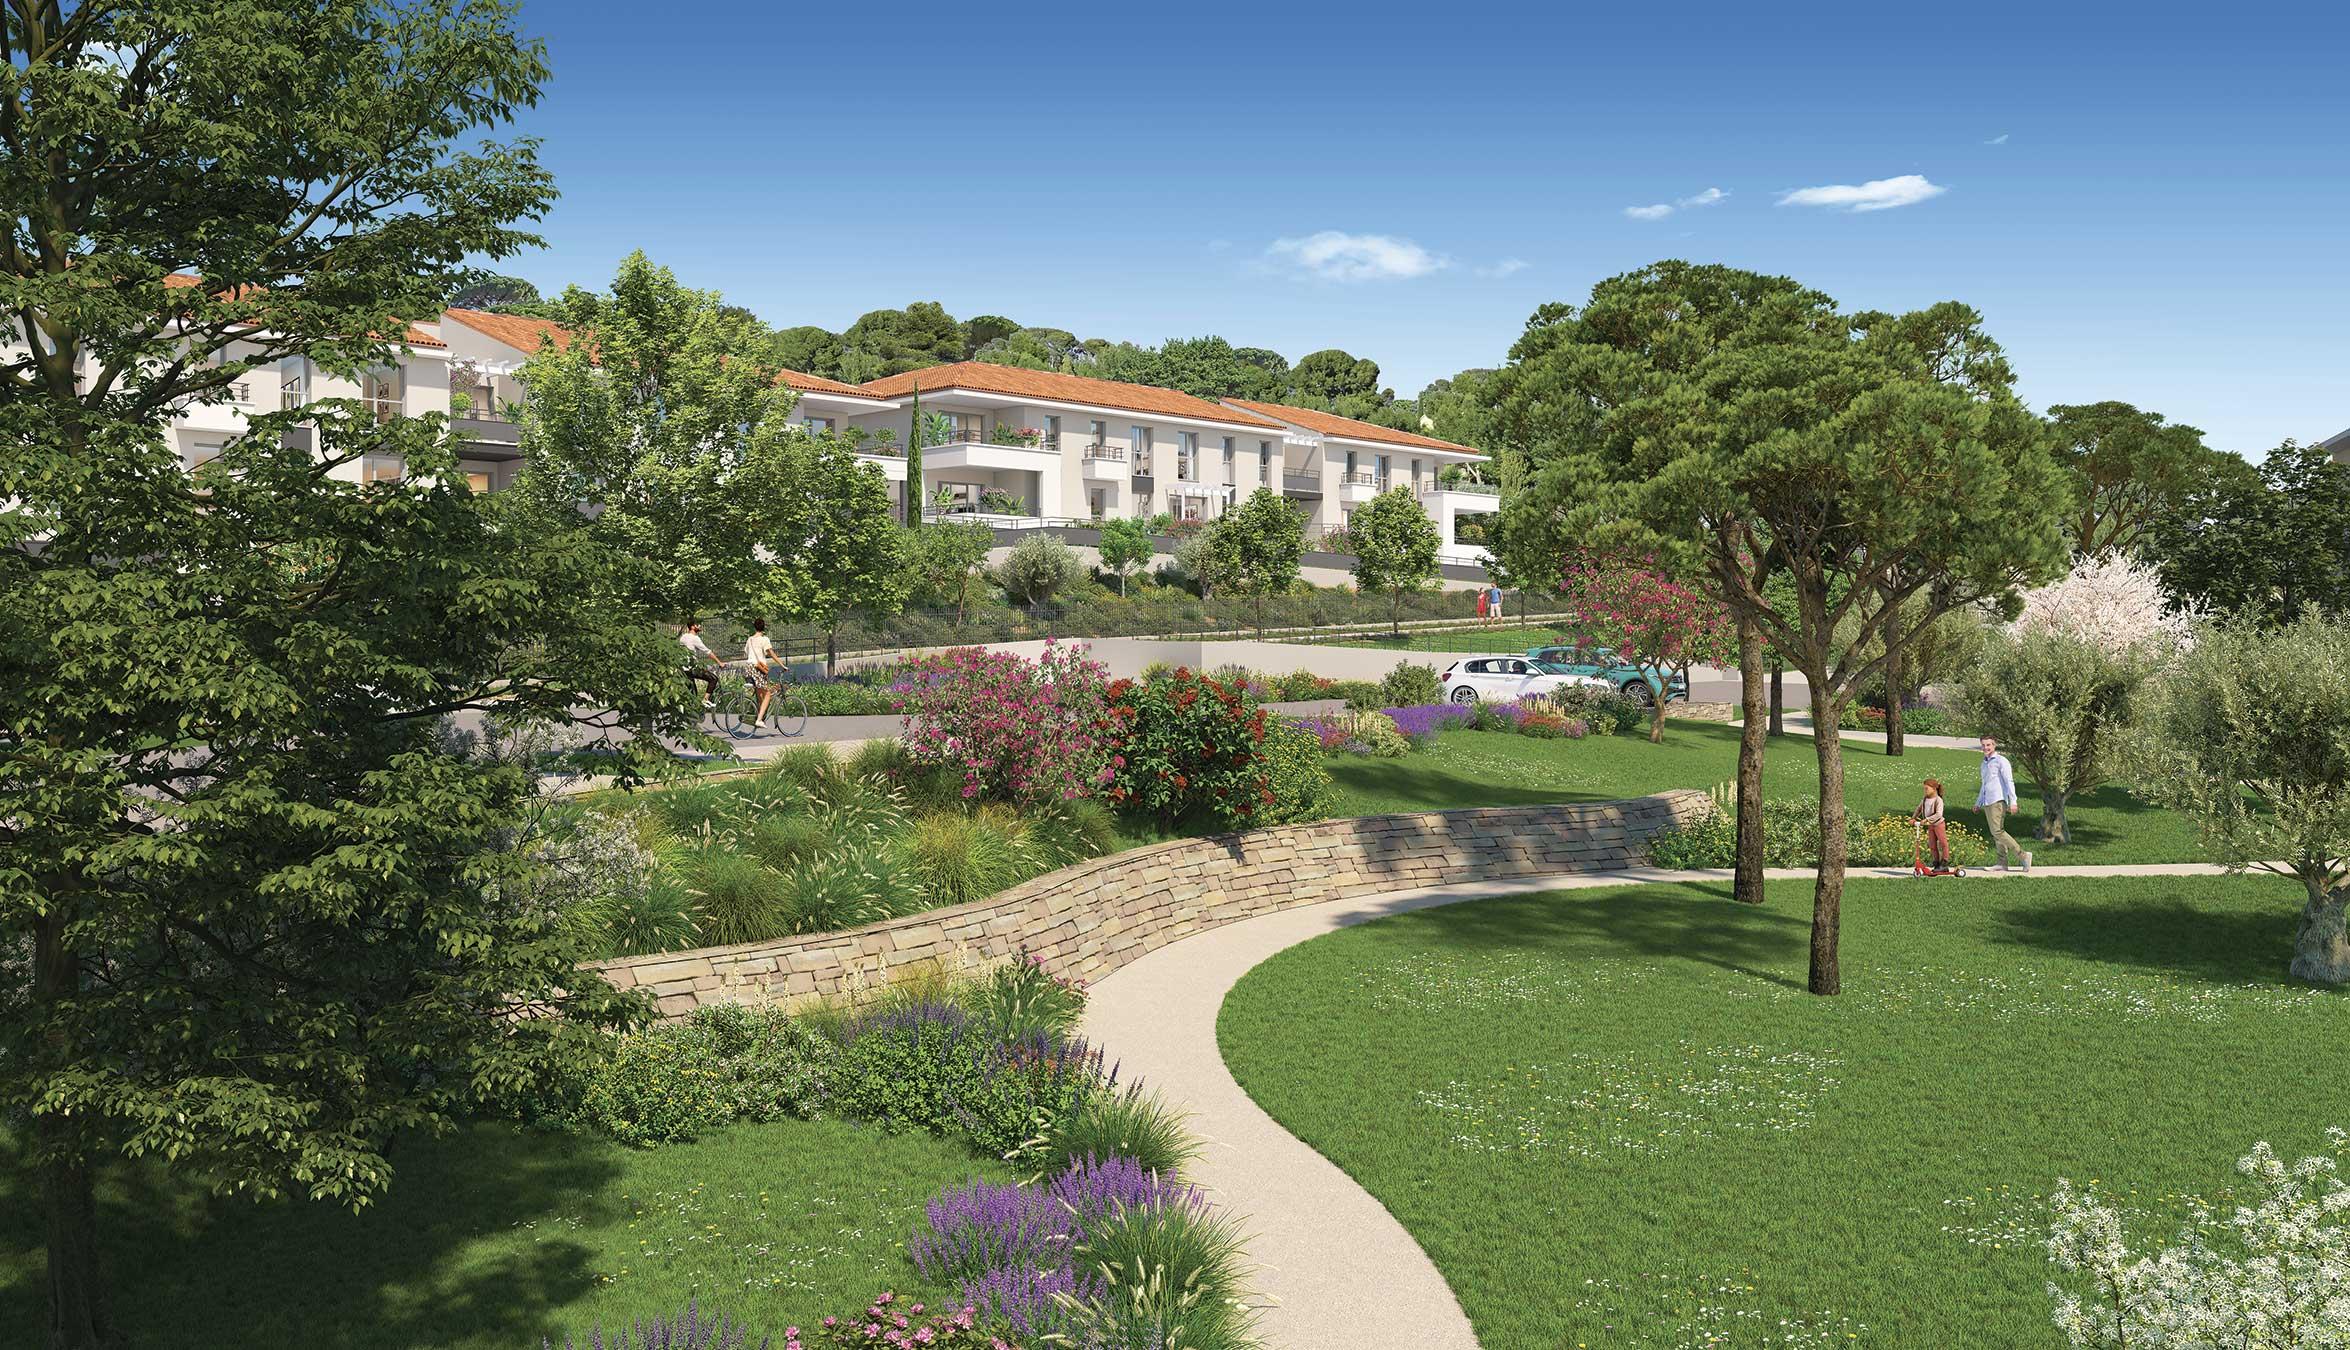 Programme immobilier ALT116 appartement à Ollioules (83190) À 11 mn du cœur de Toulon en voiture